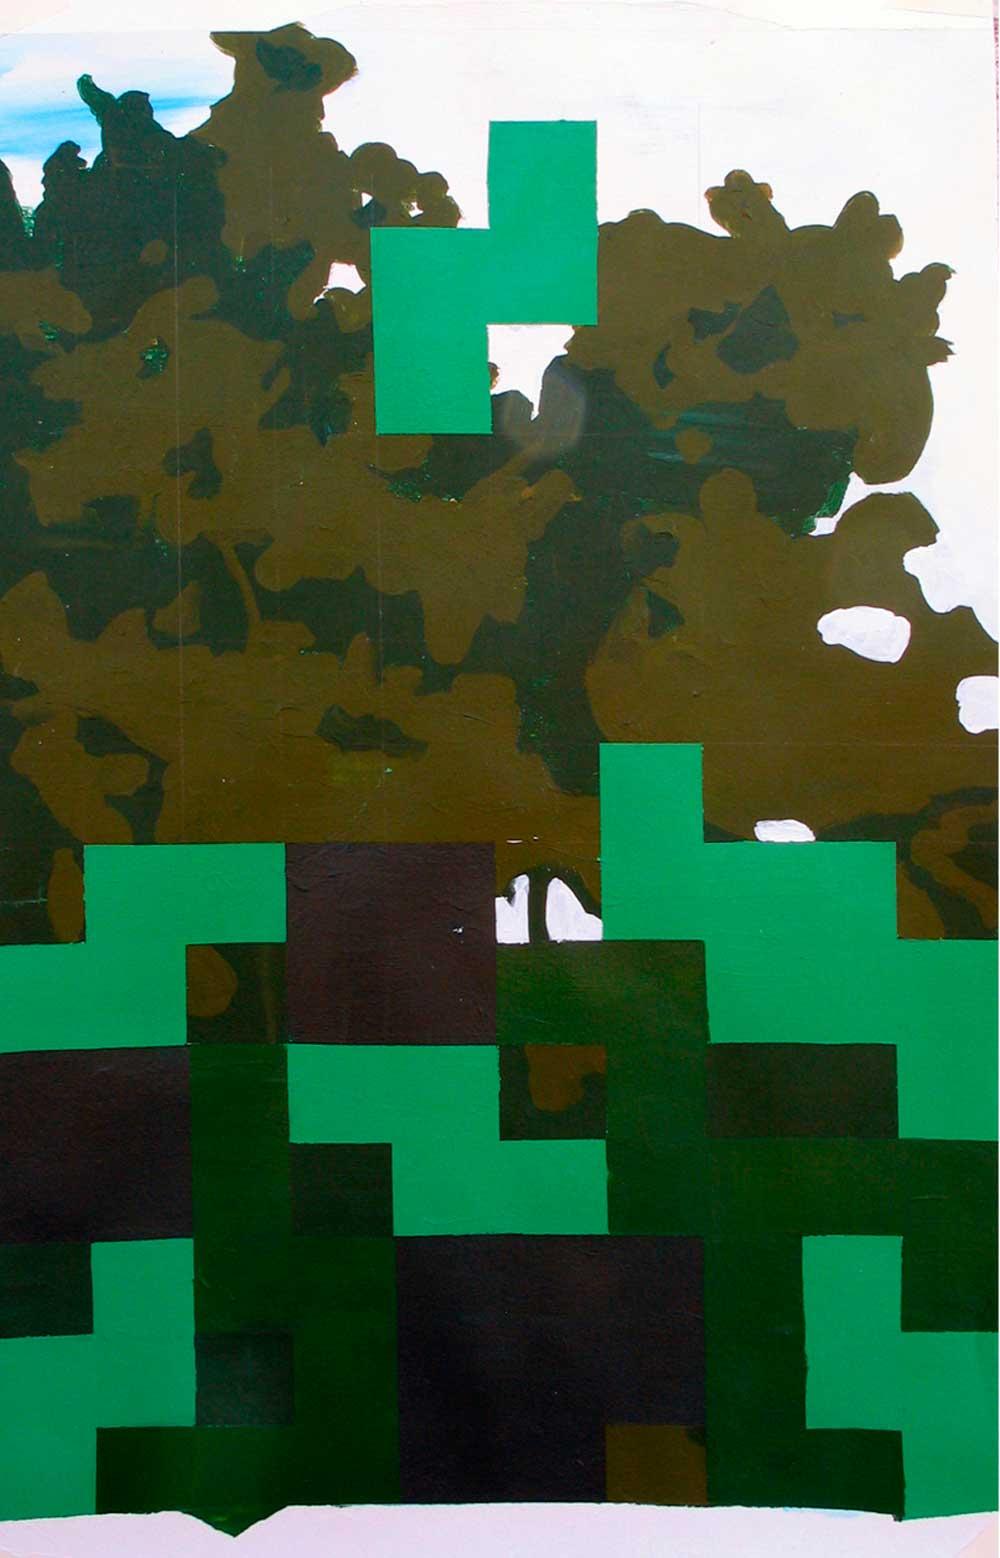 © Ana Barriga   El juego I, 2011. Acrílico sobre papel, 70 x 50 cm.